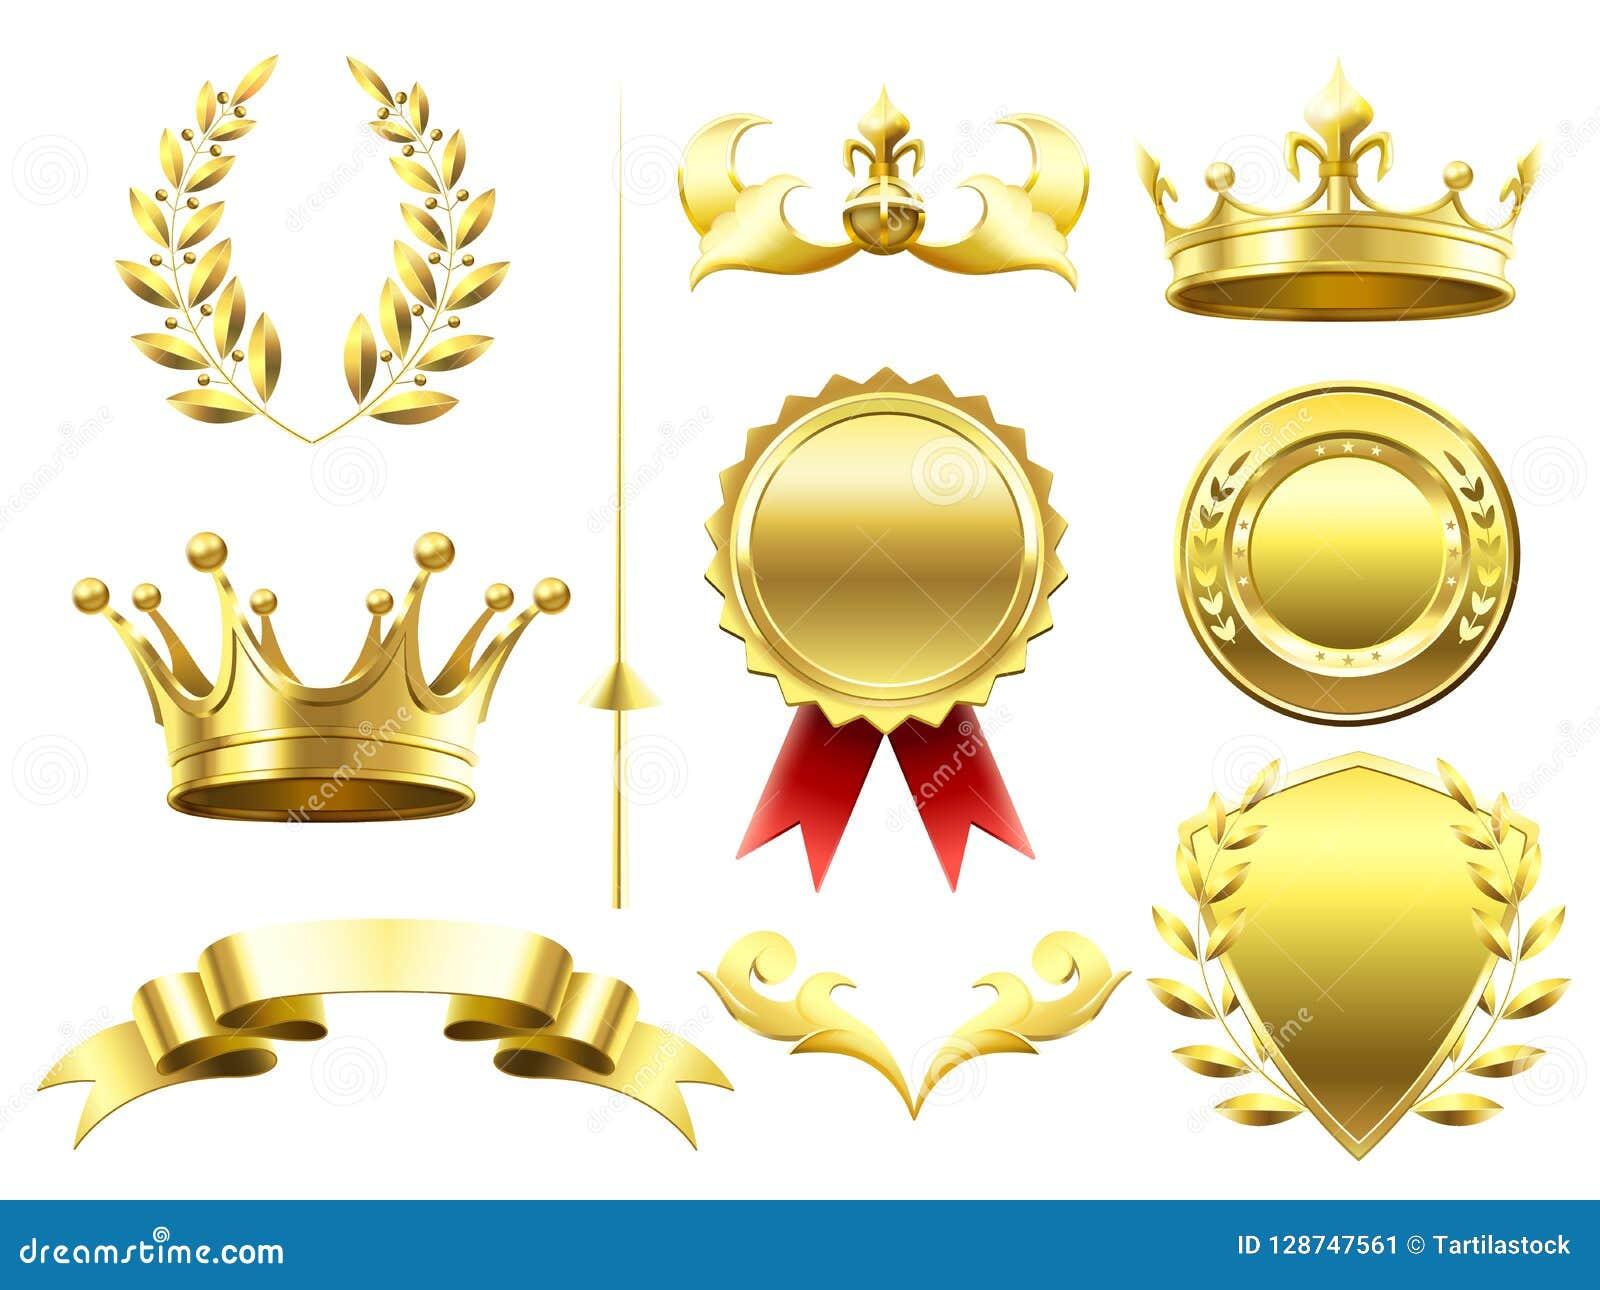 Heraldyczni 3D elementy Królewskie korony i osłony Sporta wyzwania zwycięzcy złoty medal Laurowy wianek i złota korona